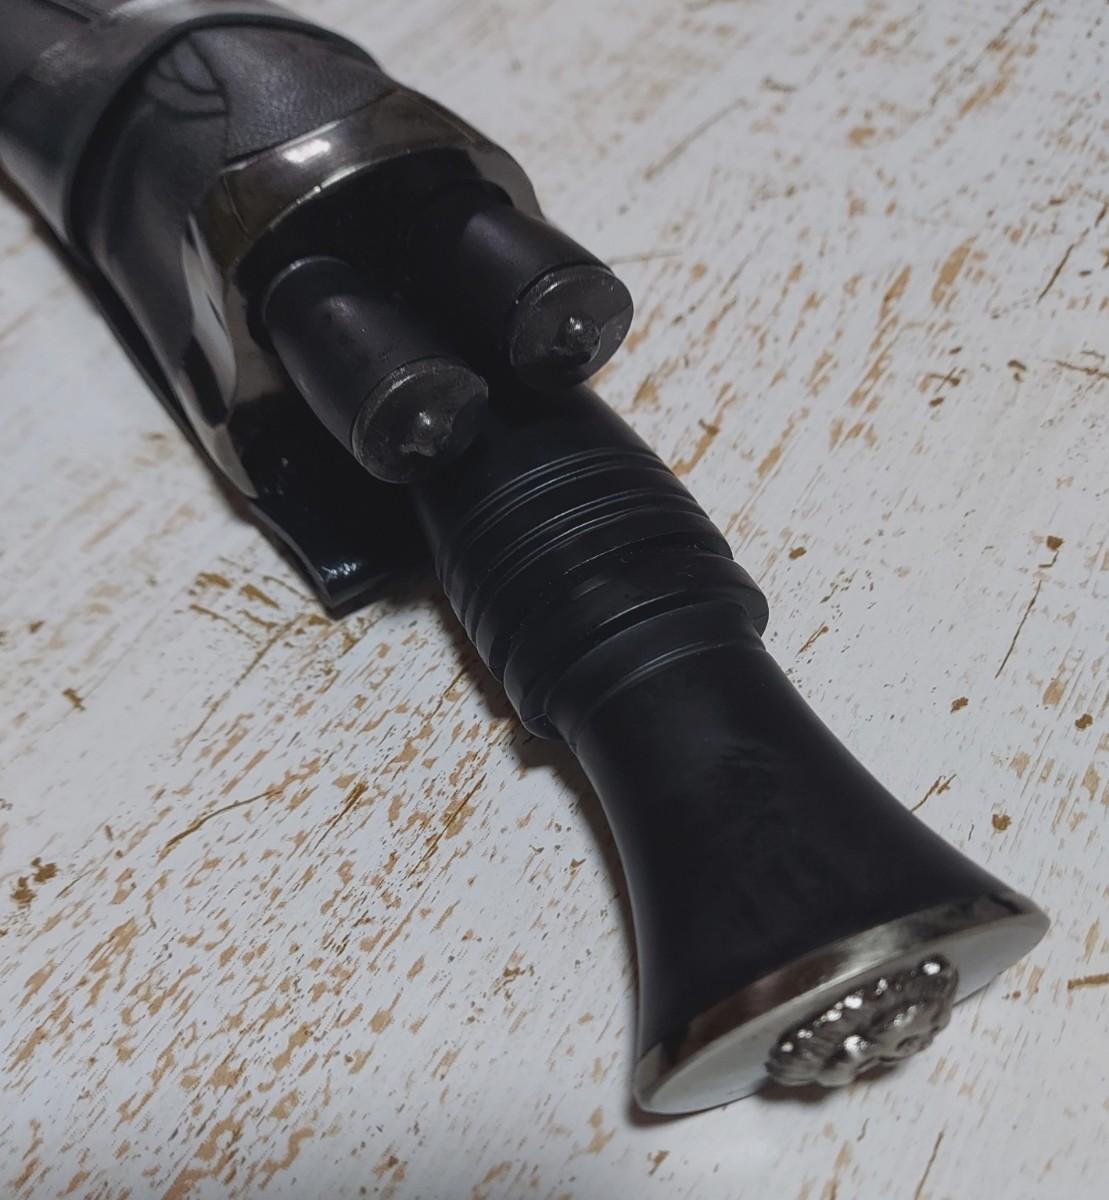 ★特価★ククリ ナイフ 大型ナイフ サバイバルナイフ 剣鉈 鉈 アウトドア シースナイフ キャンプ